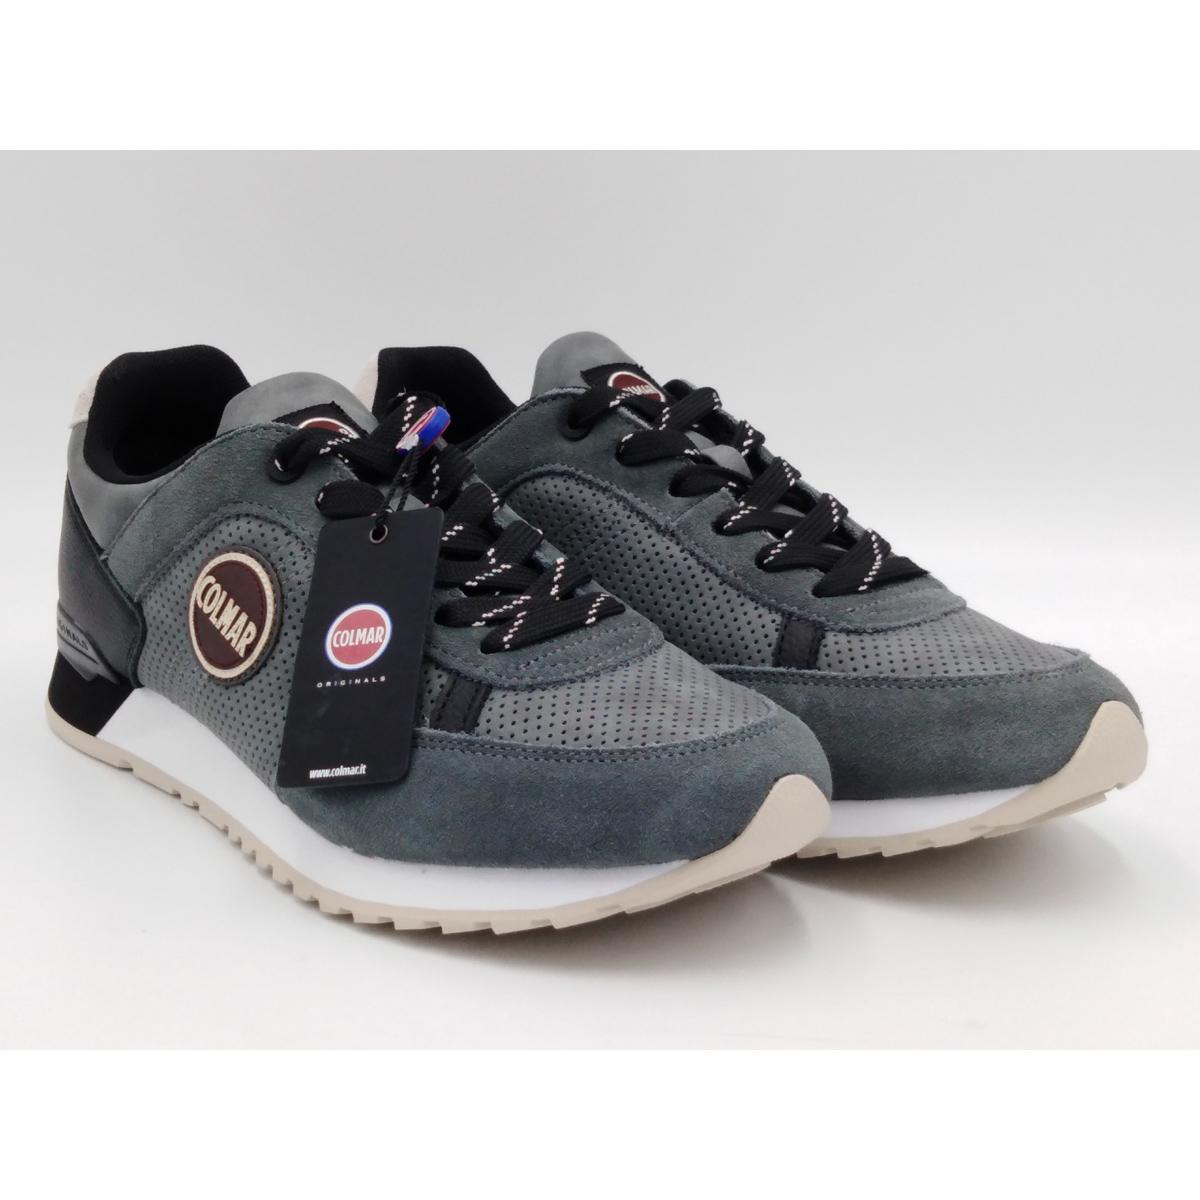 Colmar Travis Drill 016 Grigio Sneaker Uomo Lacci